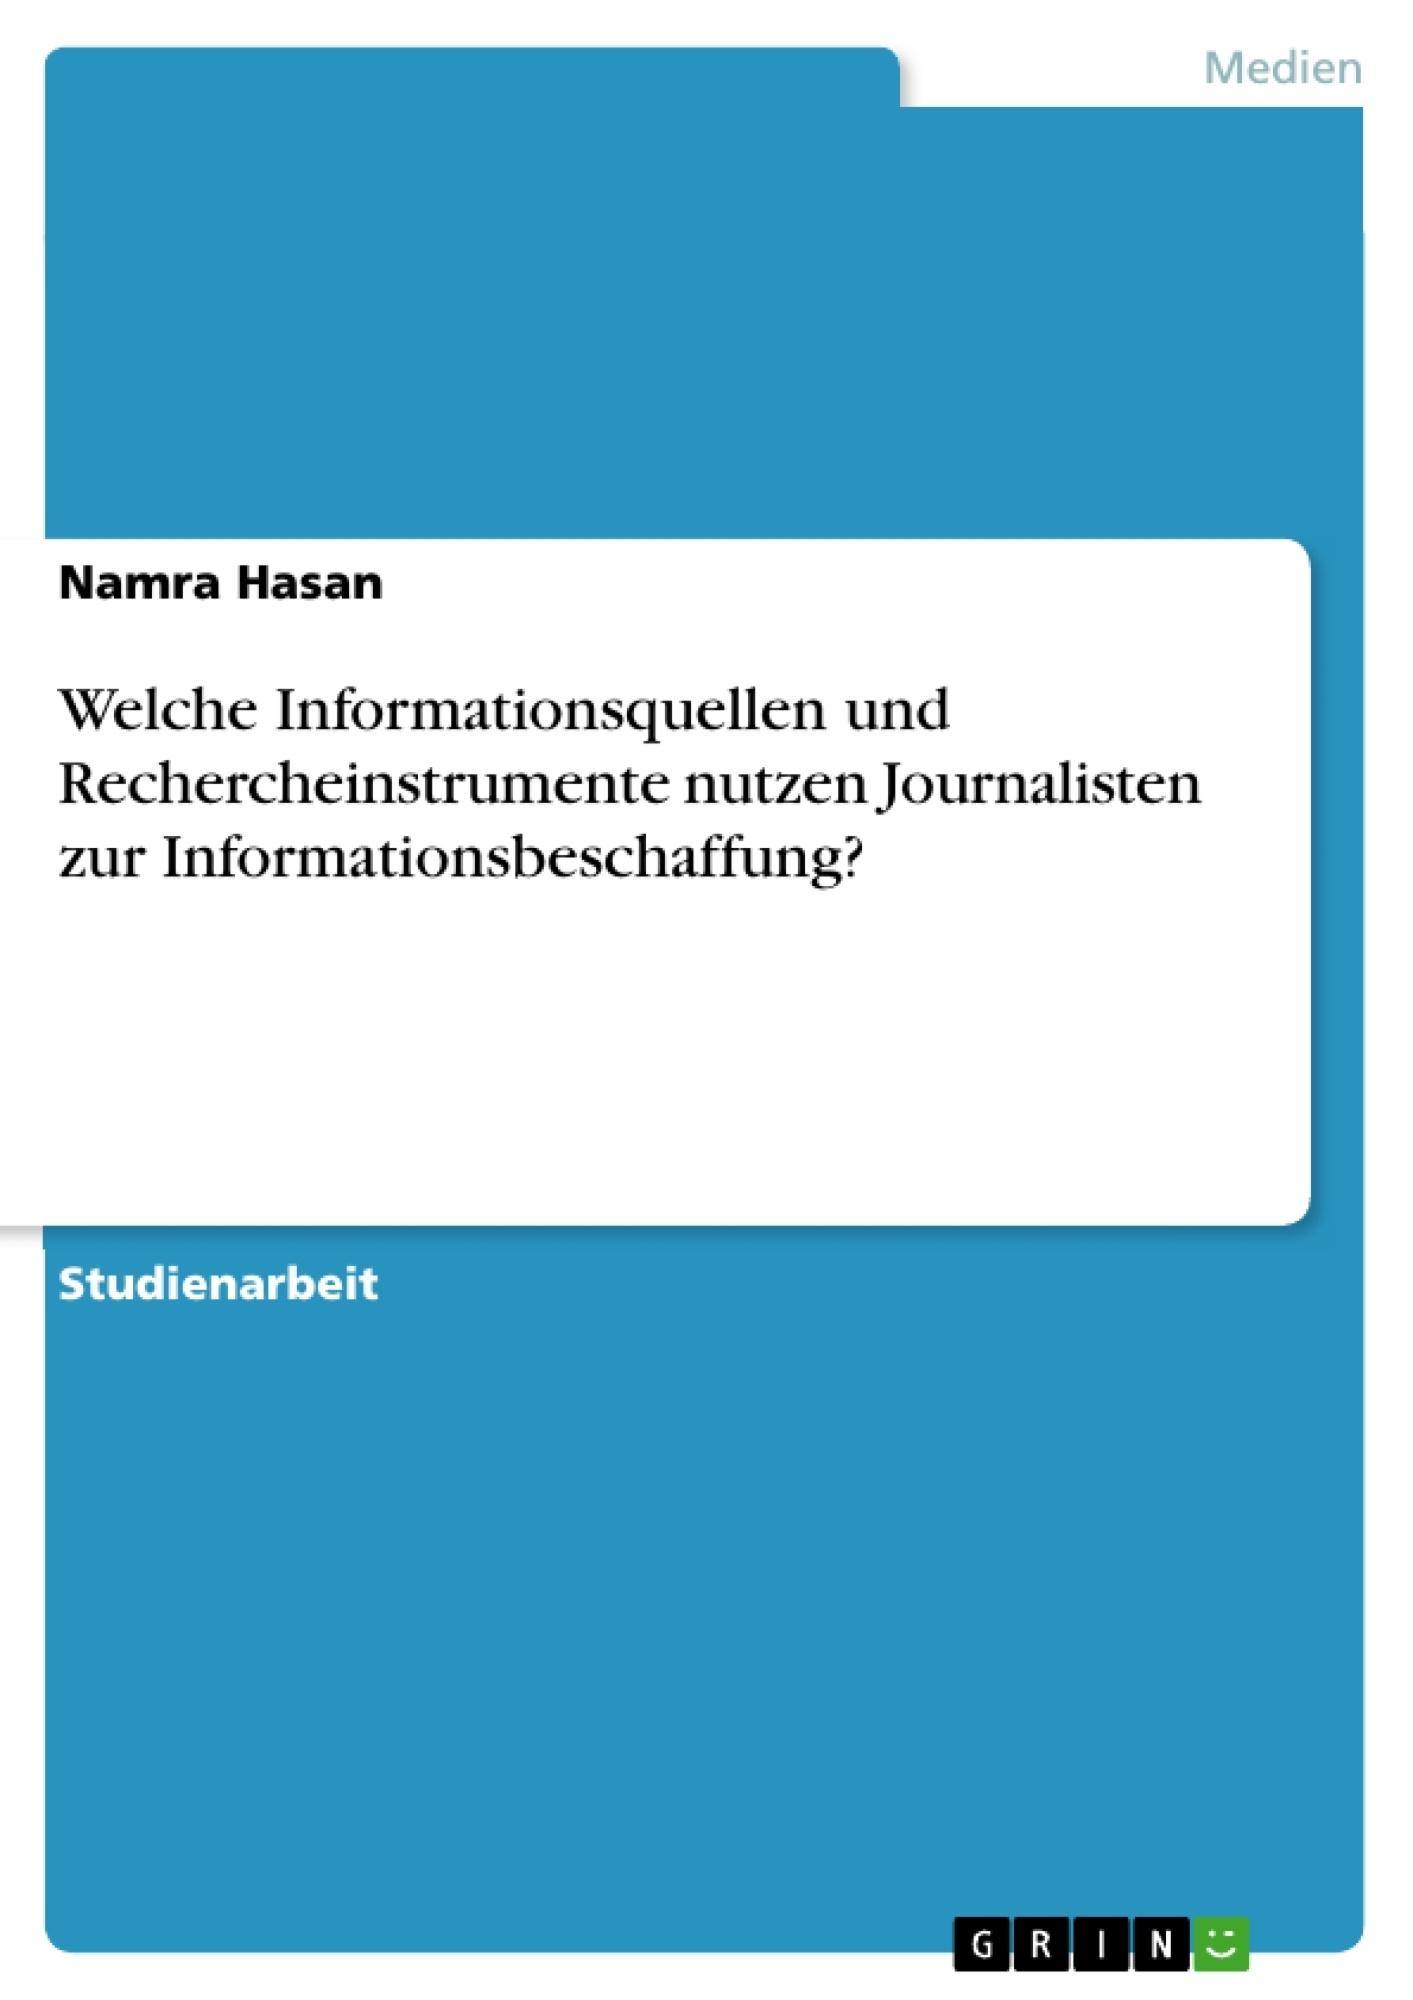 Titel: Welche Informationsquellen und Rechercheinstrumente nutzen Journalisten zur Informationsbeschaffung?